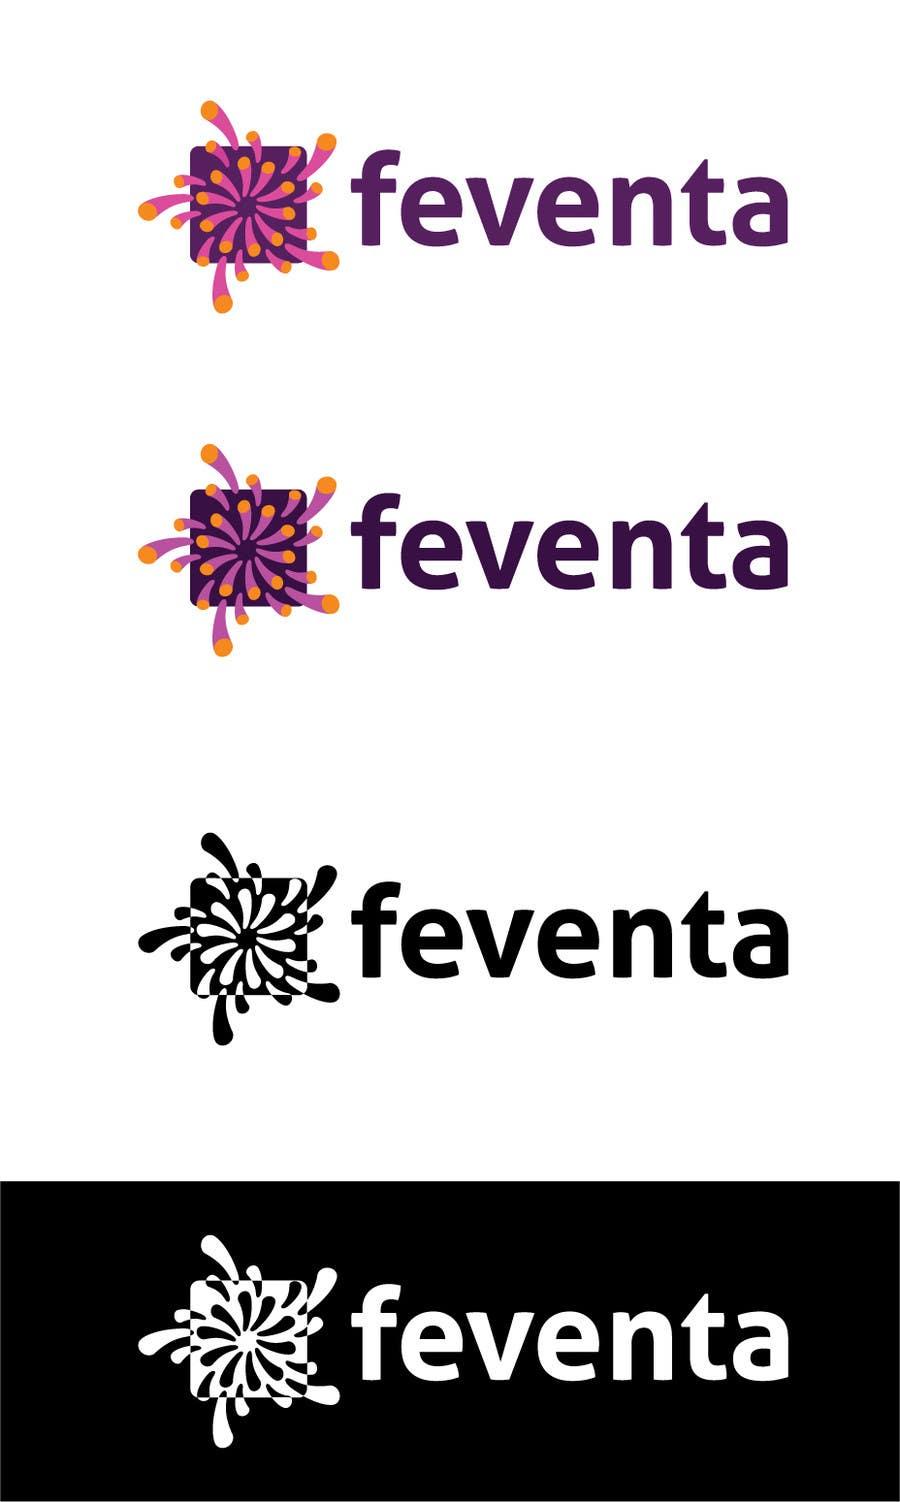 Bài tham dự cuộc thi #                                        77                                      cho                                         Refine and design a logo concept into a professional logo